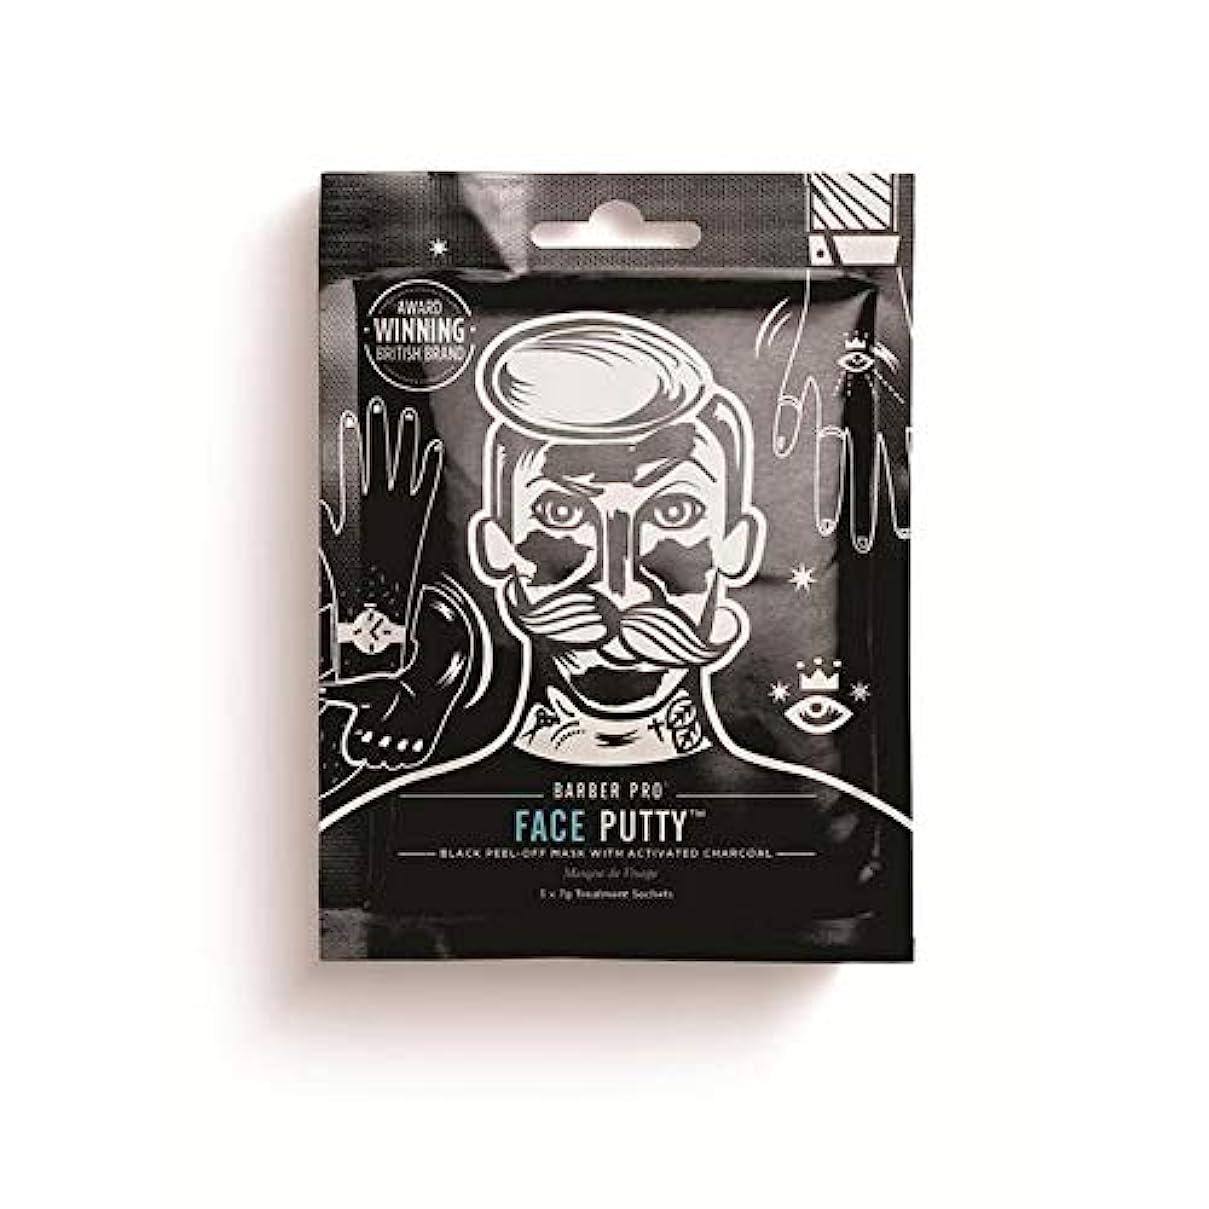 添付処分した偶然[Beauty Pro] 理髪プロの顔パテ剥がれマスク3×7グラム - BARBER PRO Face Putty Peel Off Mask 3 x 7g [並行輸入品]